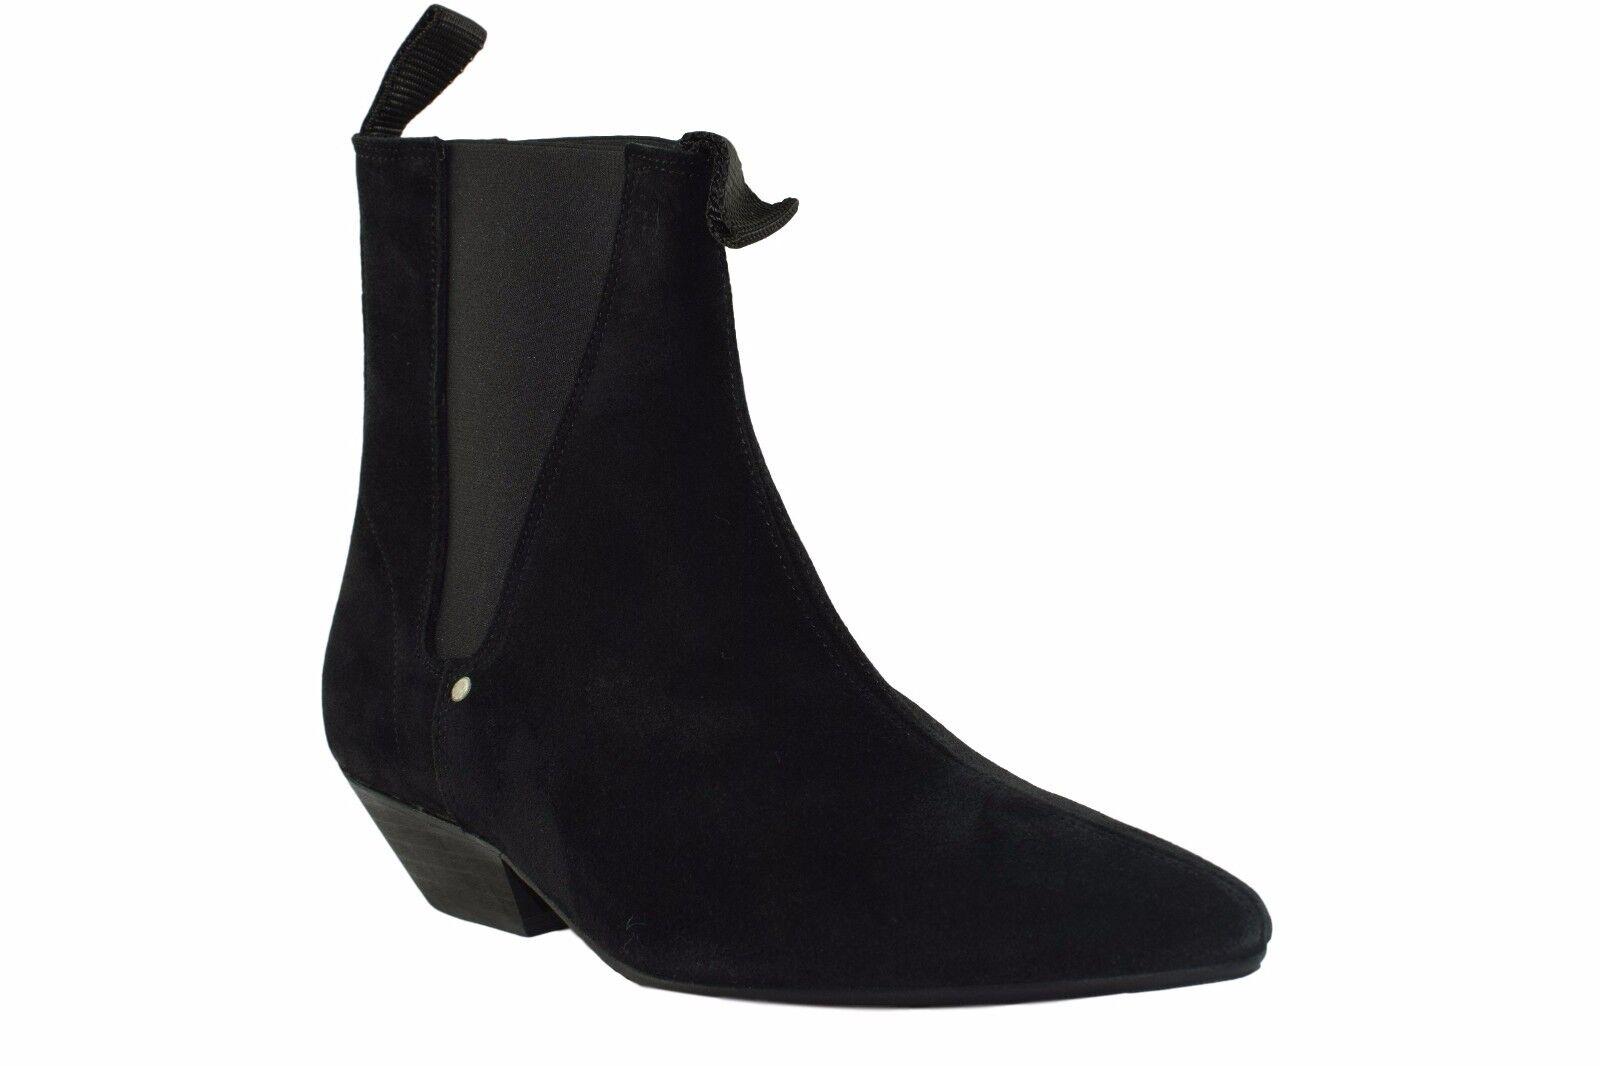 Terra in pelle Acciaio Stivali neri in pelle in scamosciata Beatle Tacco Cubano alla Caviglia BEAT Boot Sb033Z4 e2f9f4